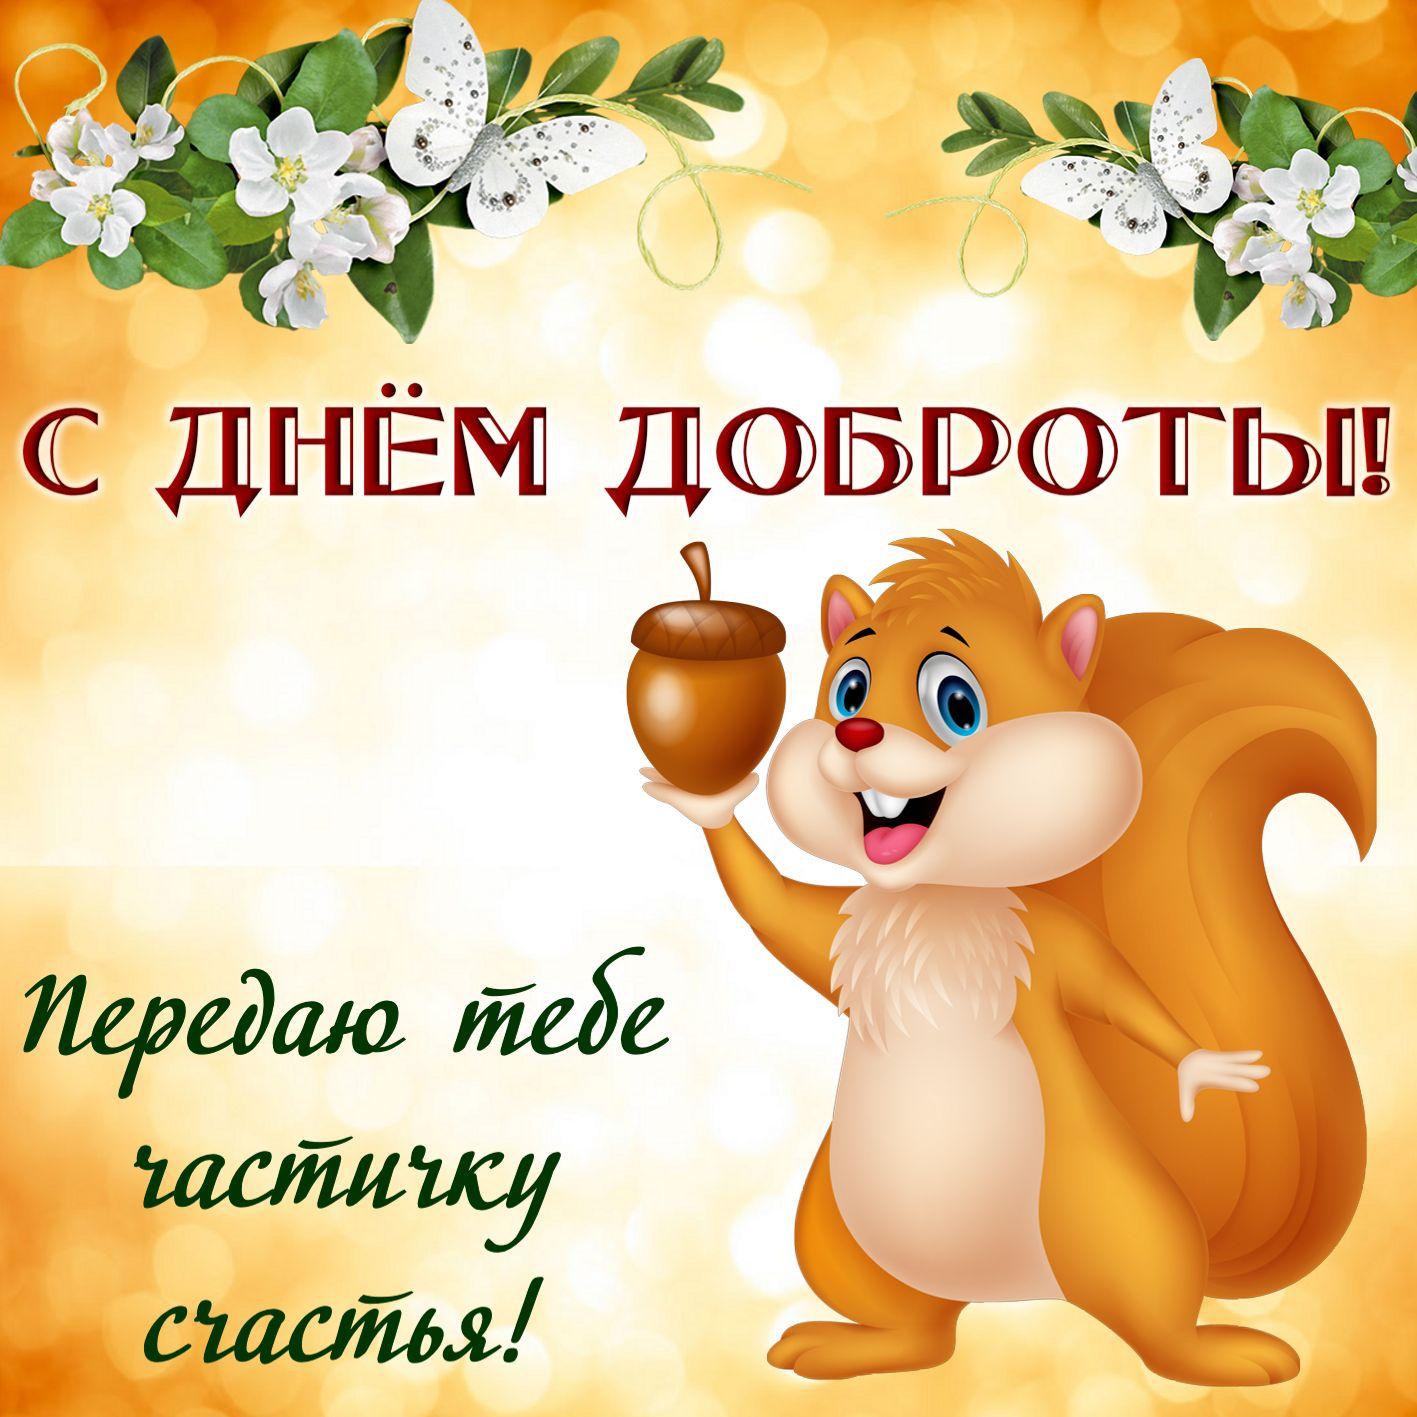 Открытка на День доброты - белочка передает частичку счастья